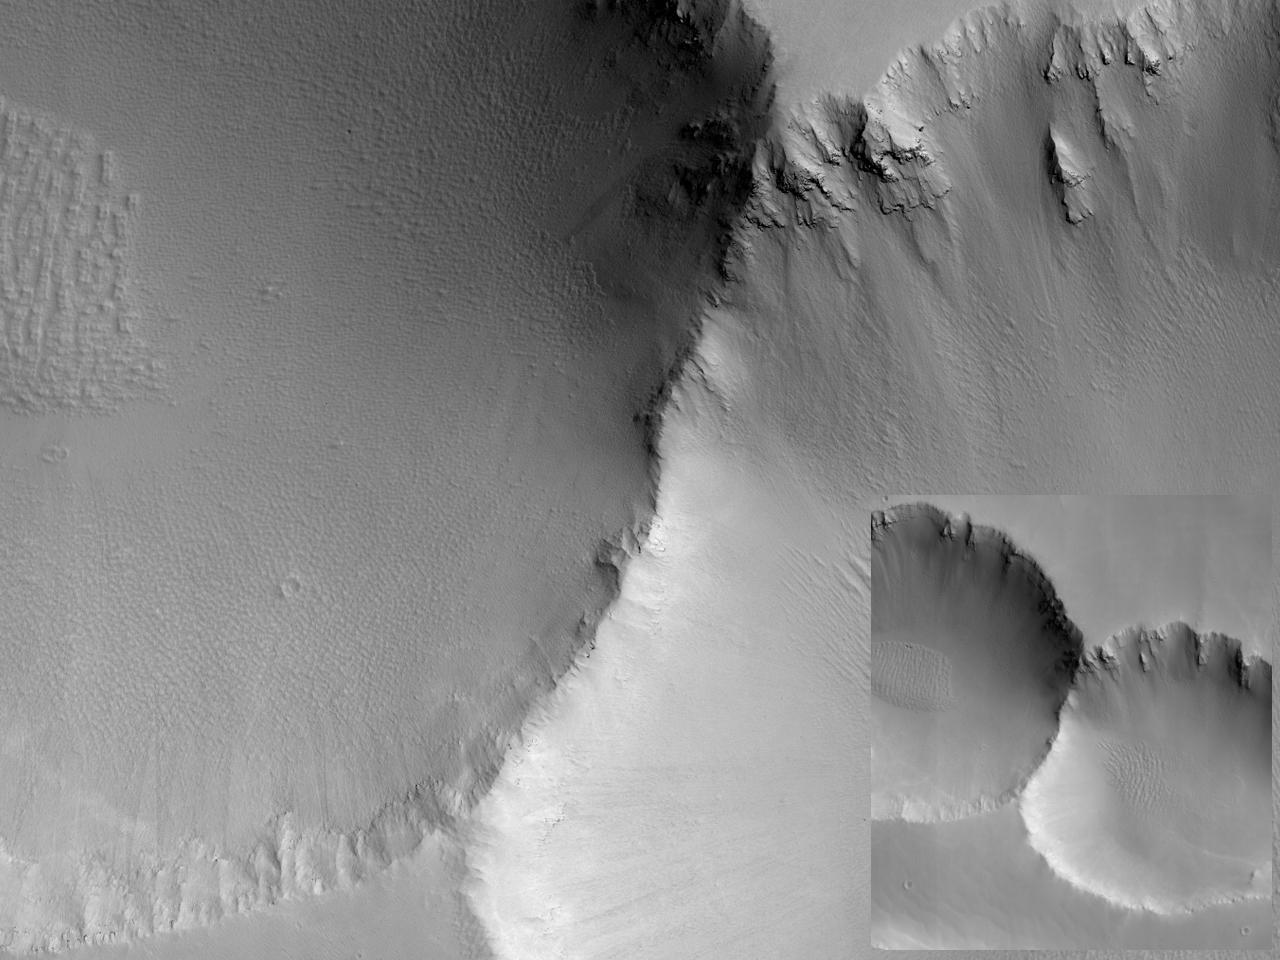 Două cratere alăturate în Noctis Labyrinthus